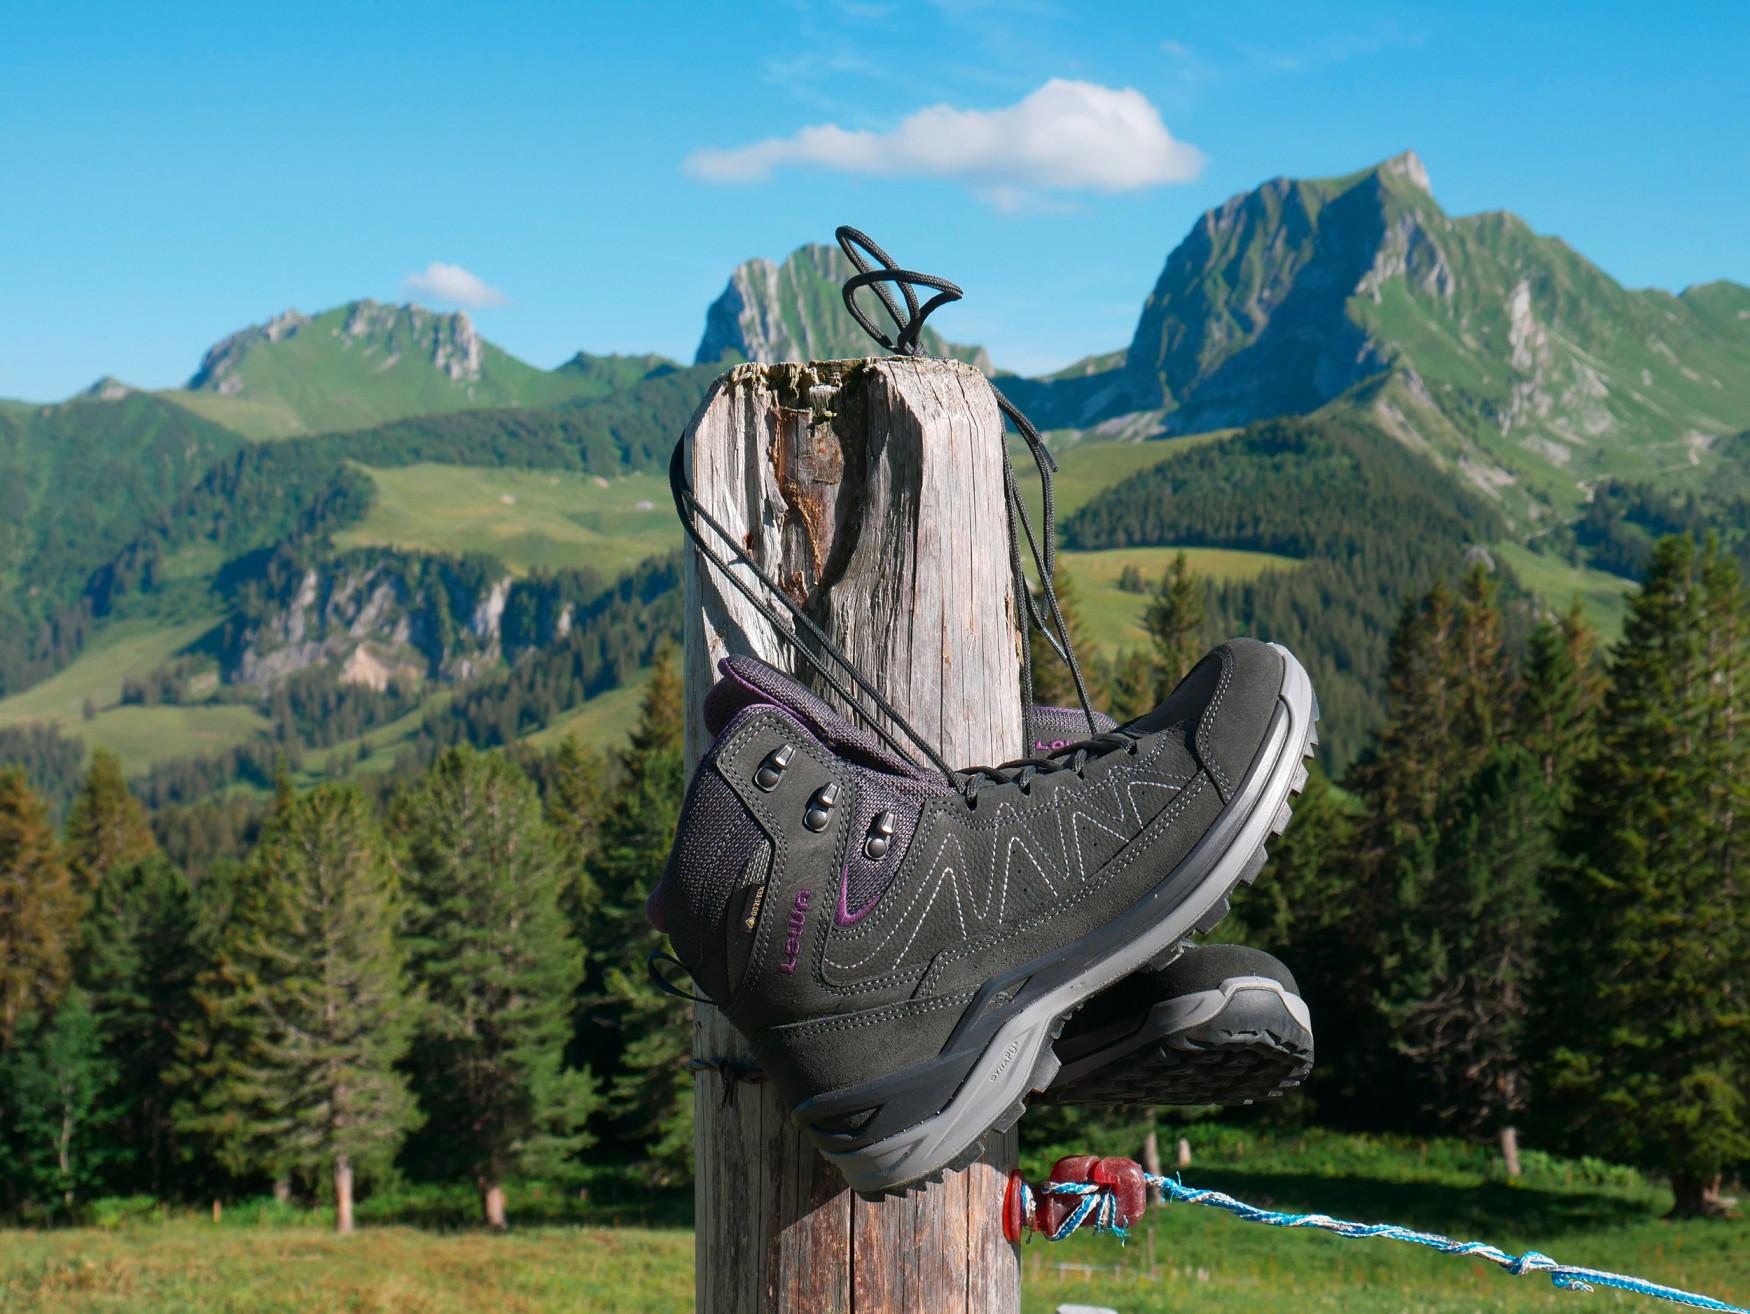 De nieuwe TORO EVO GTX MID van LOWA is heerlijk comfortabel, sportief, flexibel en multifunctioneel te dragen, perfect voor dagelijkse avonturen. Of het nu na het werk of in het weekend is – de veelzijdige outdoorschoenen zijn zo comfortabel dat een klein ommetje op elk moment spontaan kan worden uitgebreid tot een korte wandeling. Het GORE-TEX-membraan zorgt voor een optimale bescherming tegen het weer en een uitstekend ademend vermogen.